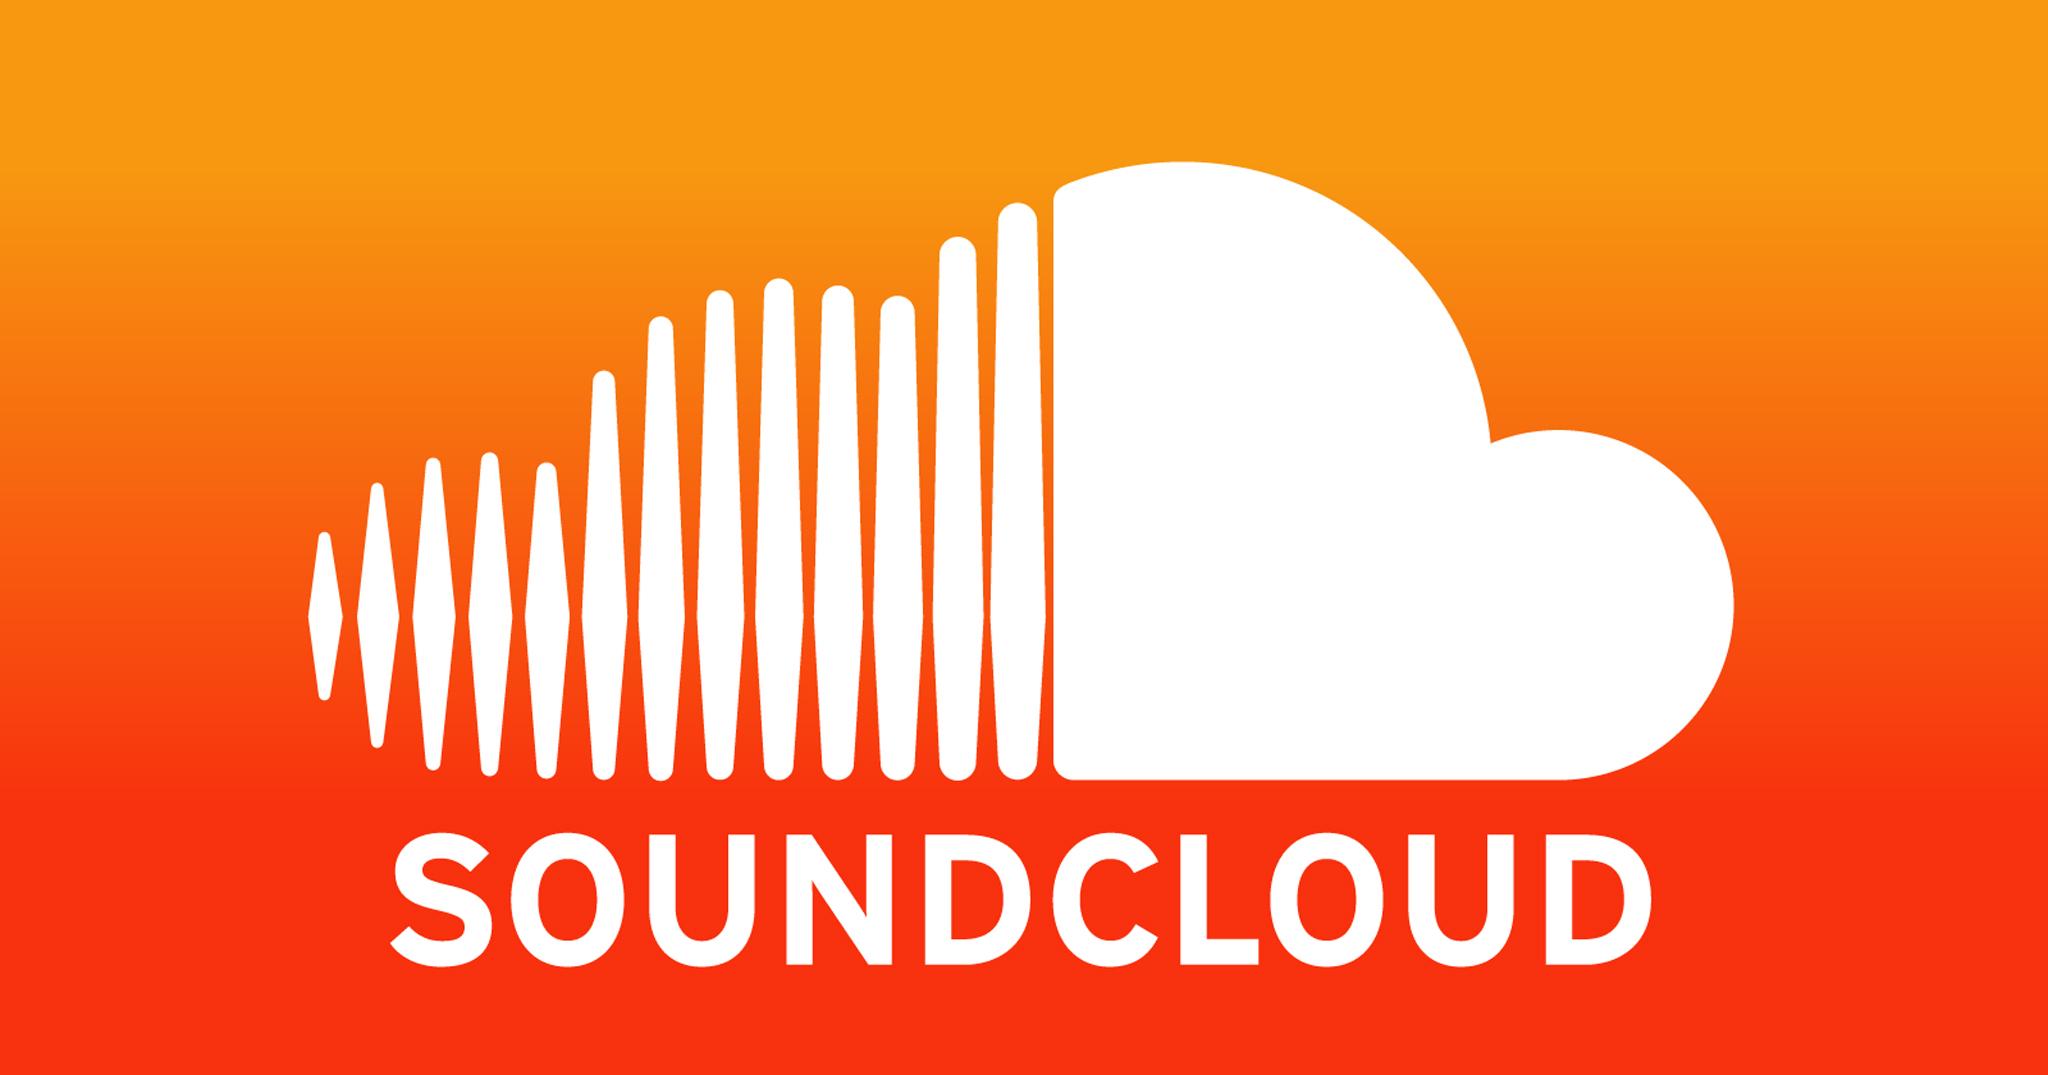 Chia sẻ] SoundCloud là một dịch vụ nghe nhạc tuyệt vời nhưng bị bỏ rơi, anh  em có sử dụng không? | Tinh tế